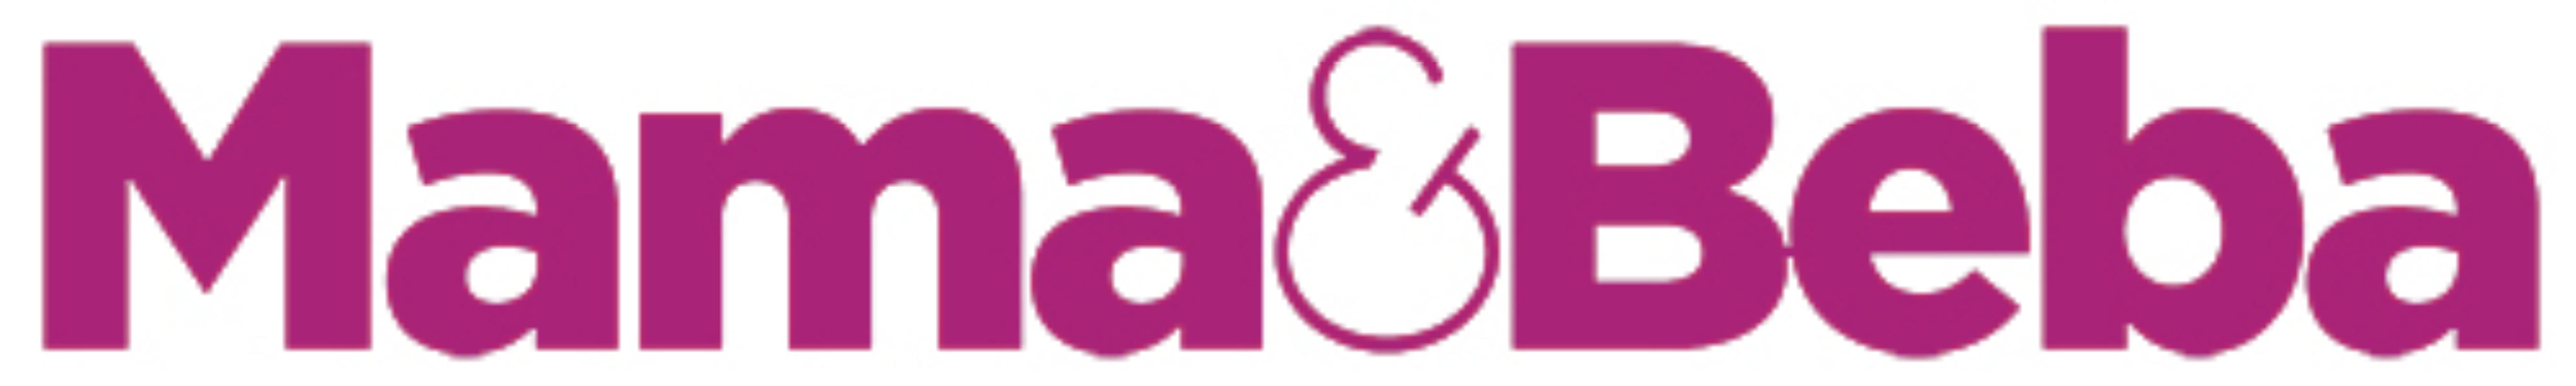 Mamaibeba.com